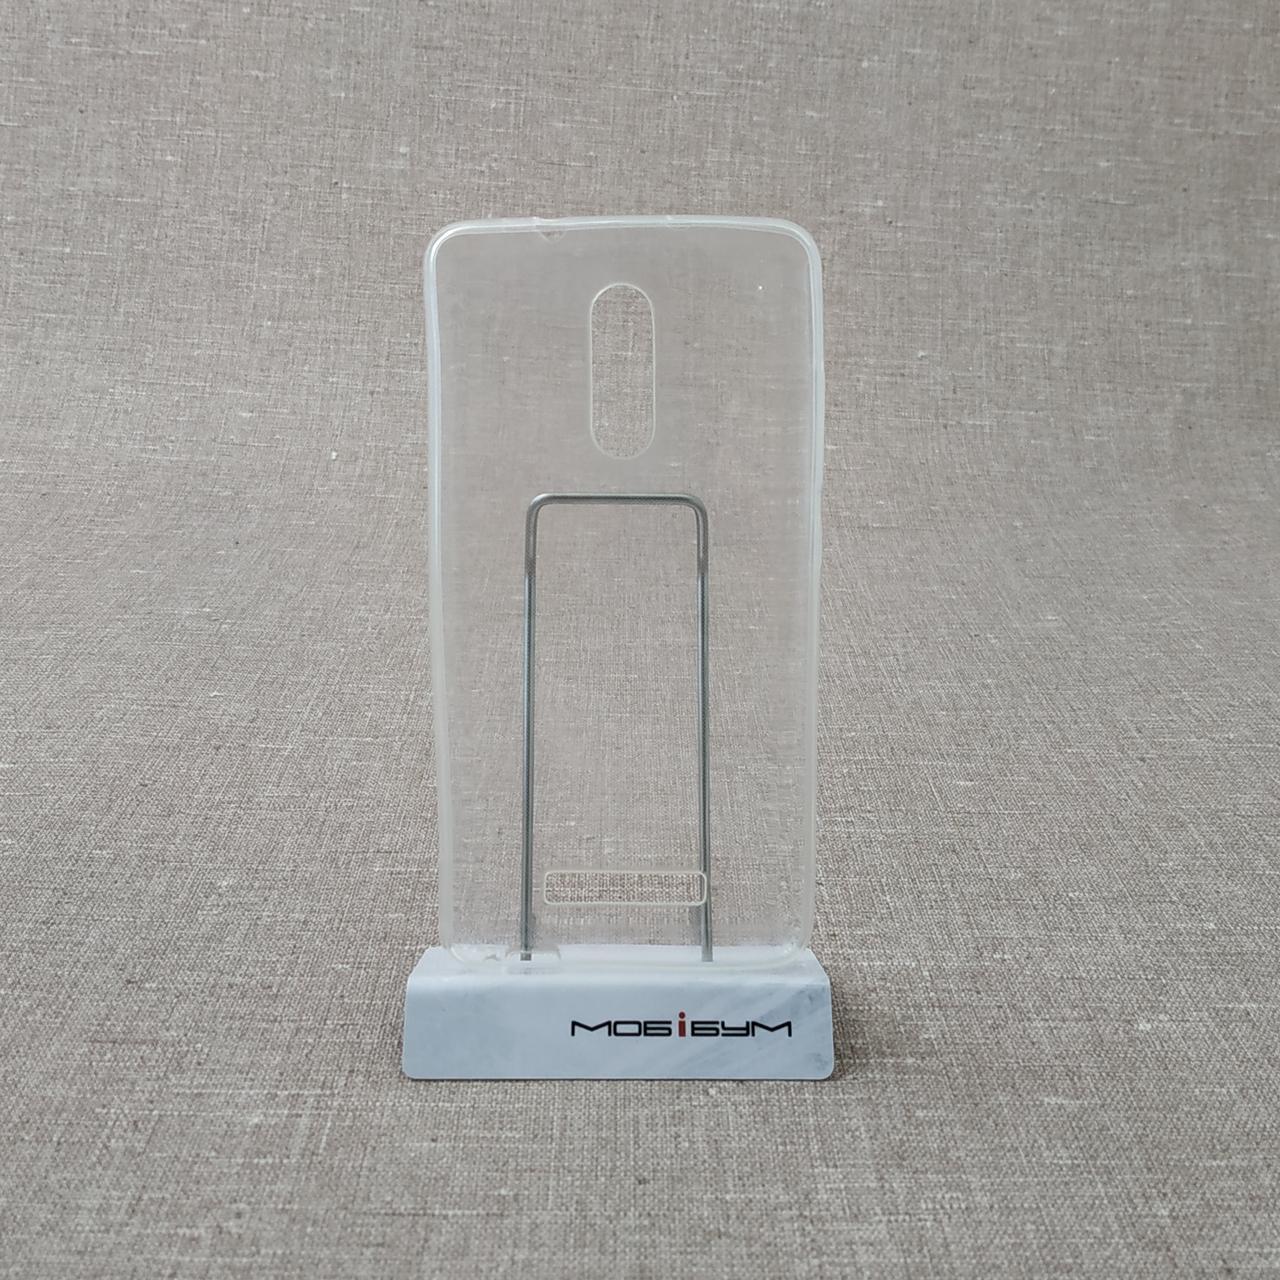 TPU Ultrathin 0.33mm Xiaomi Redmi Note 3 soft-clear